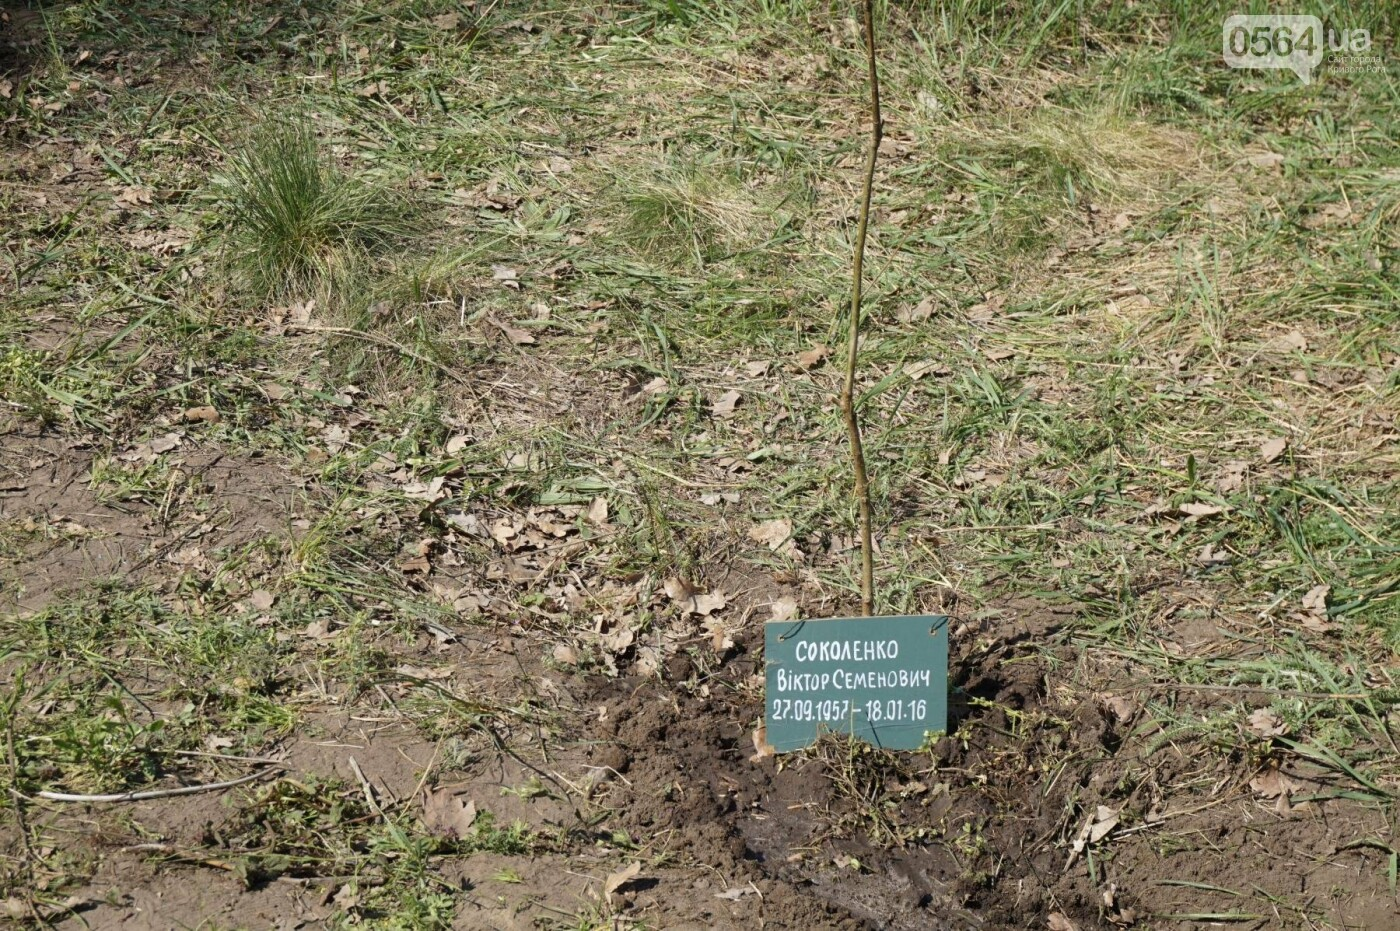 Как криворожане высаживали на Хортице дубраву в память о погибших Героях (ФОТО, ВИДЕО), фото-72